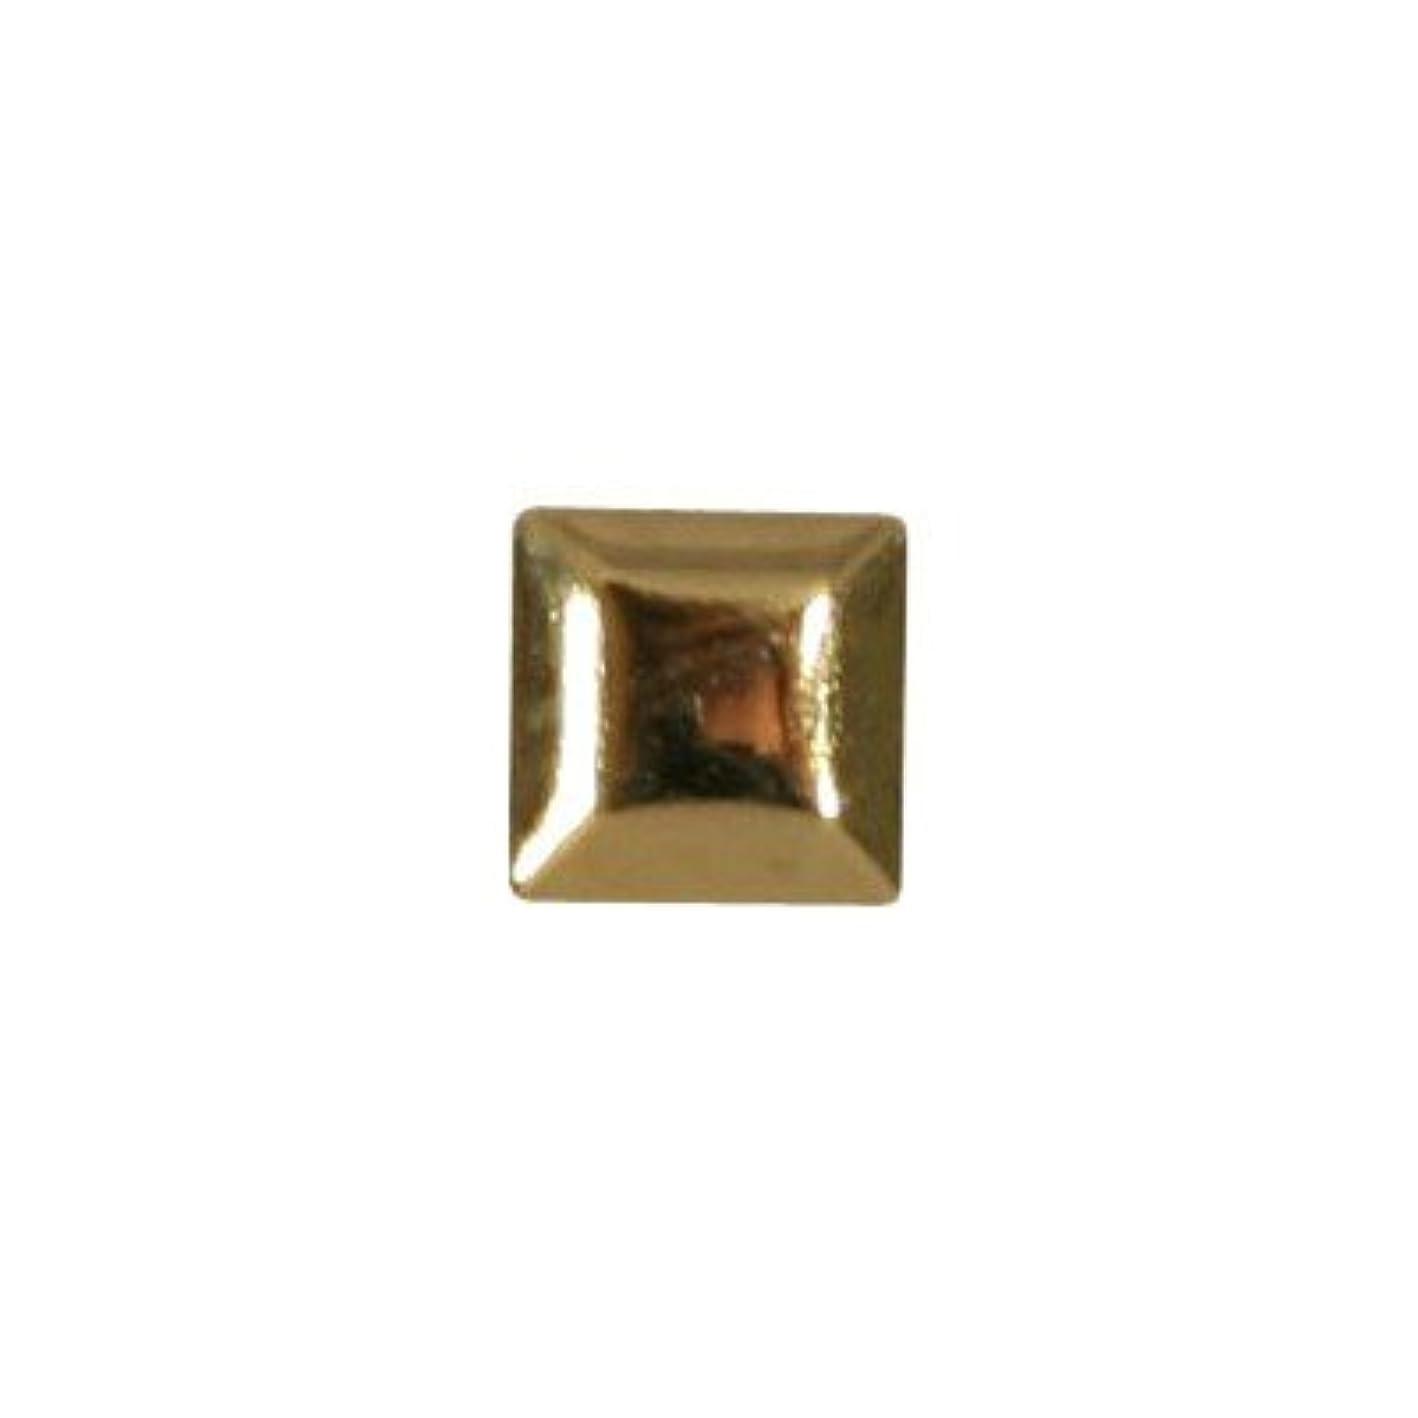 背の高いスタイルながらピアドラ スタッズ メタルスクエア 3mm 50P ゴールド